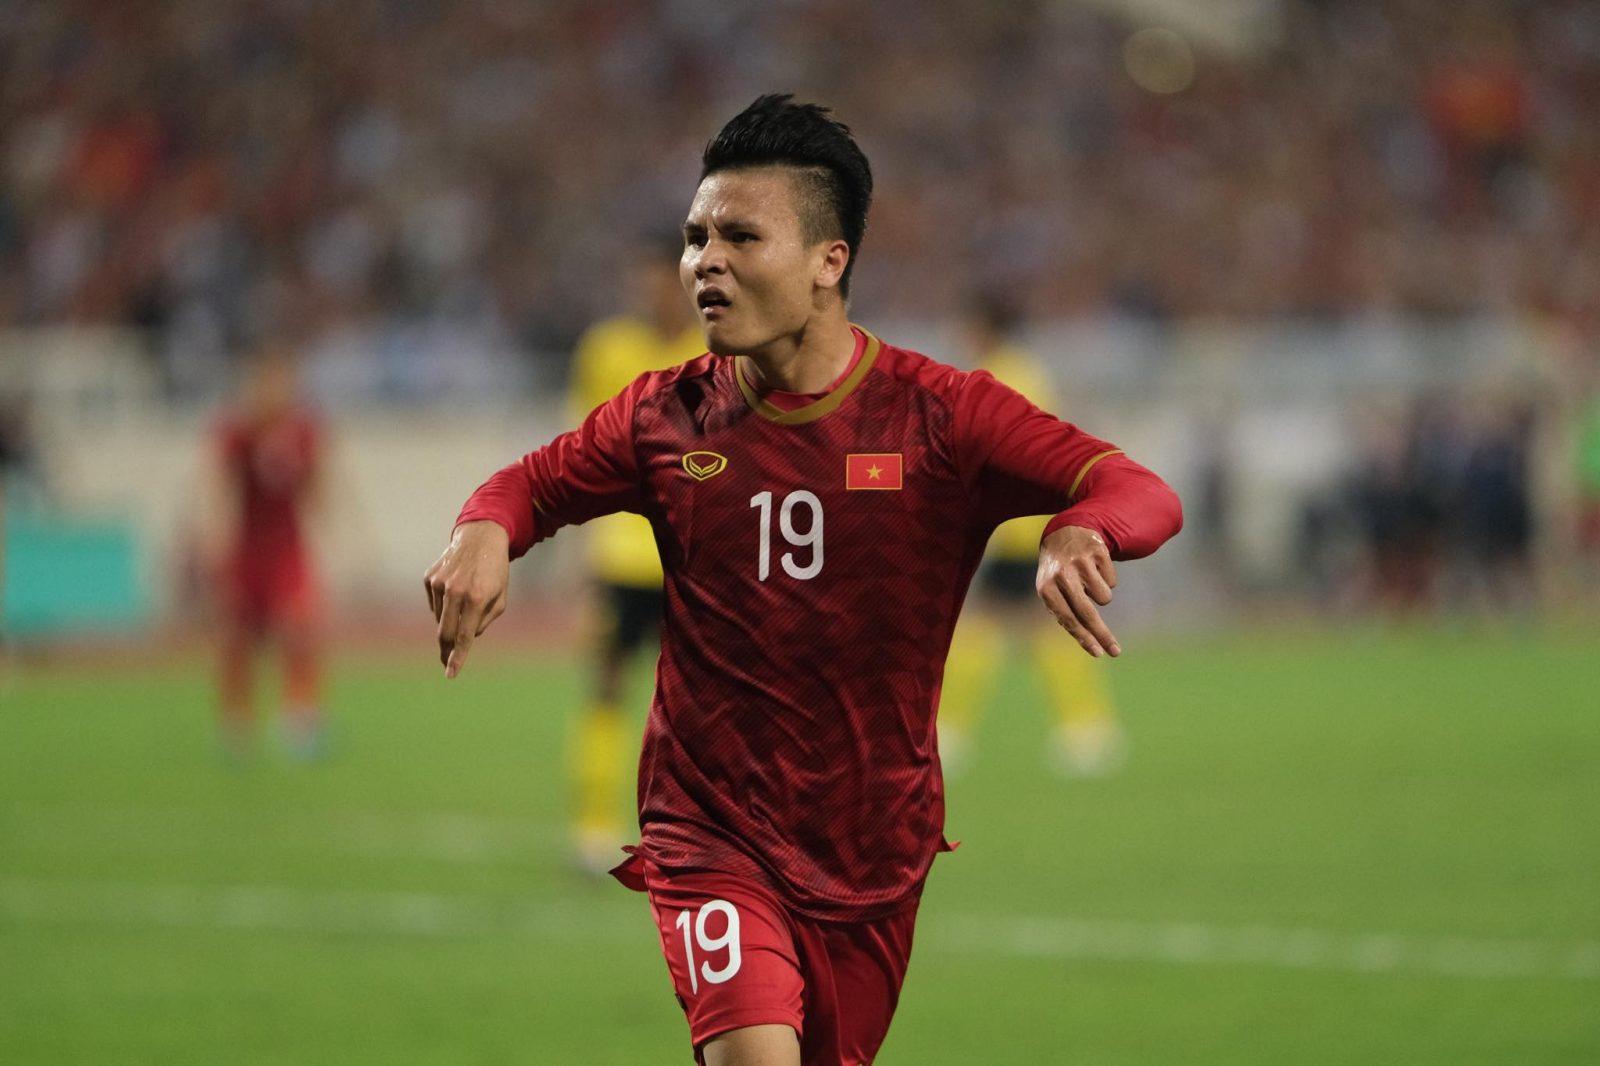 Bàn thắng được mong đợi của tuyển Việt Nam - World Cup 2022